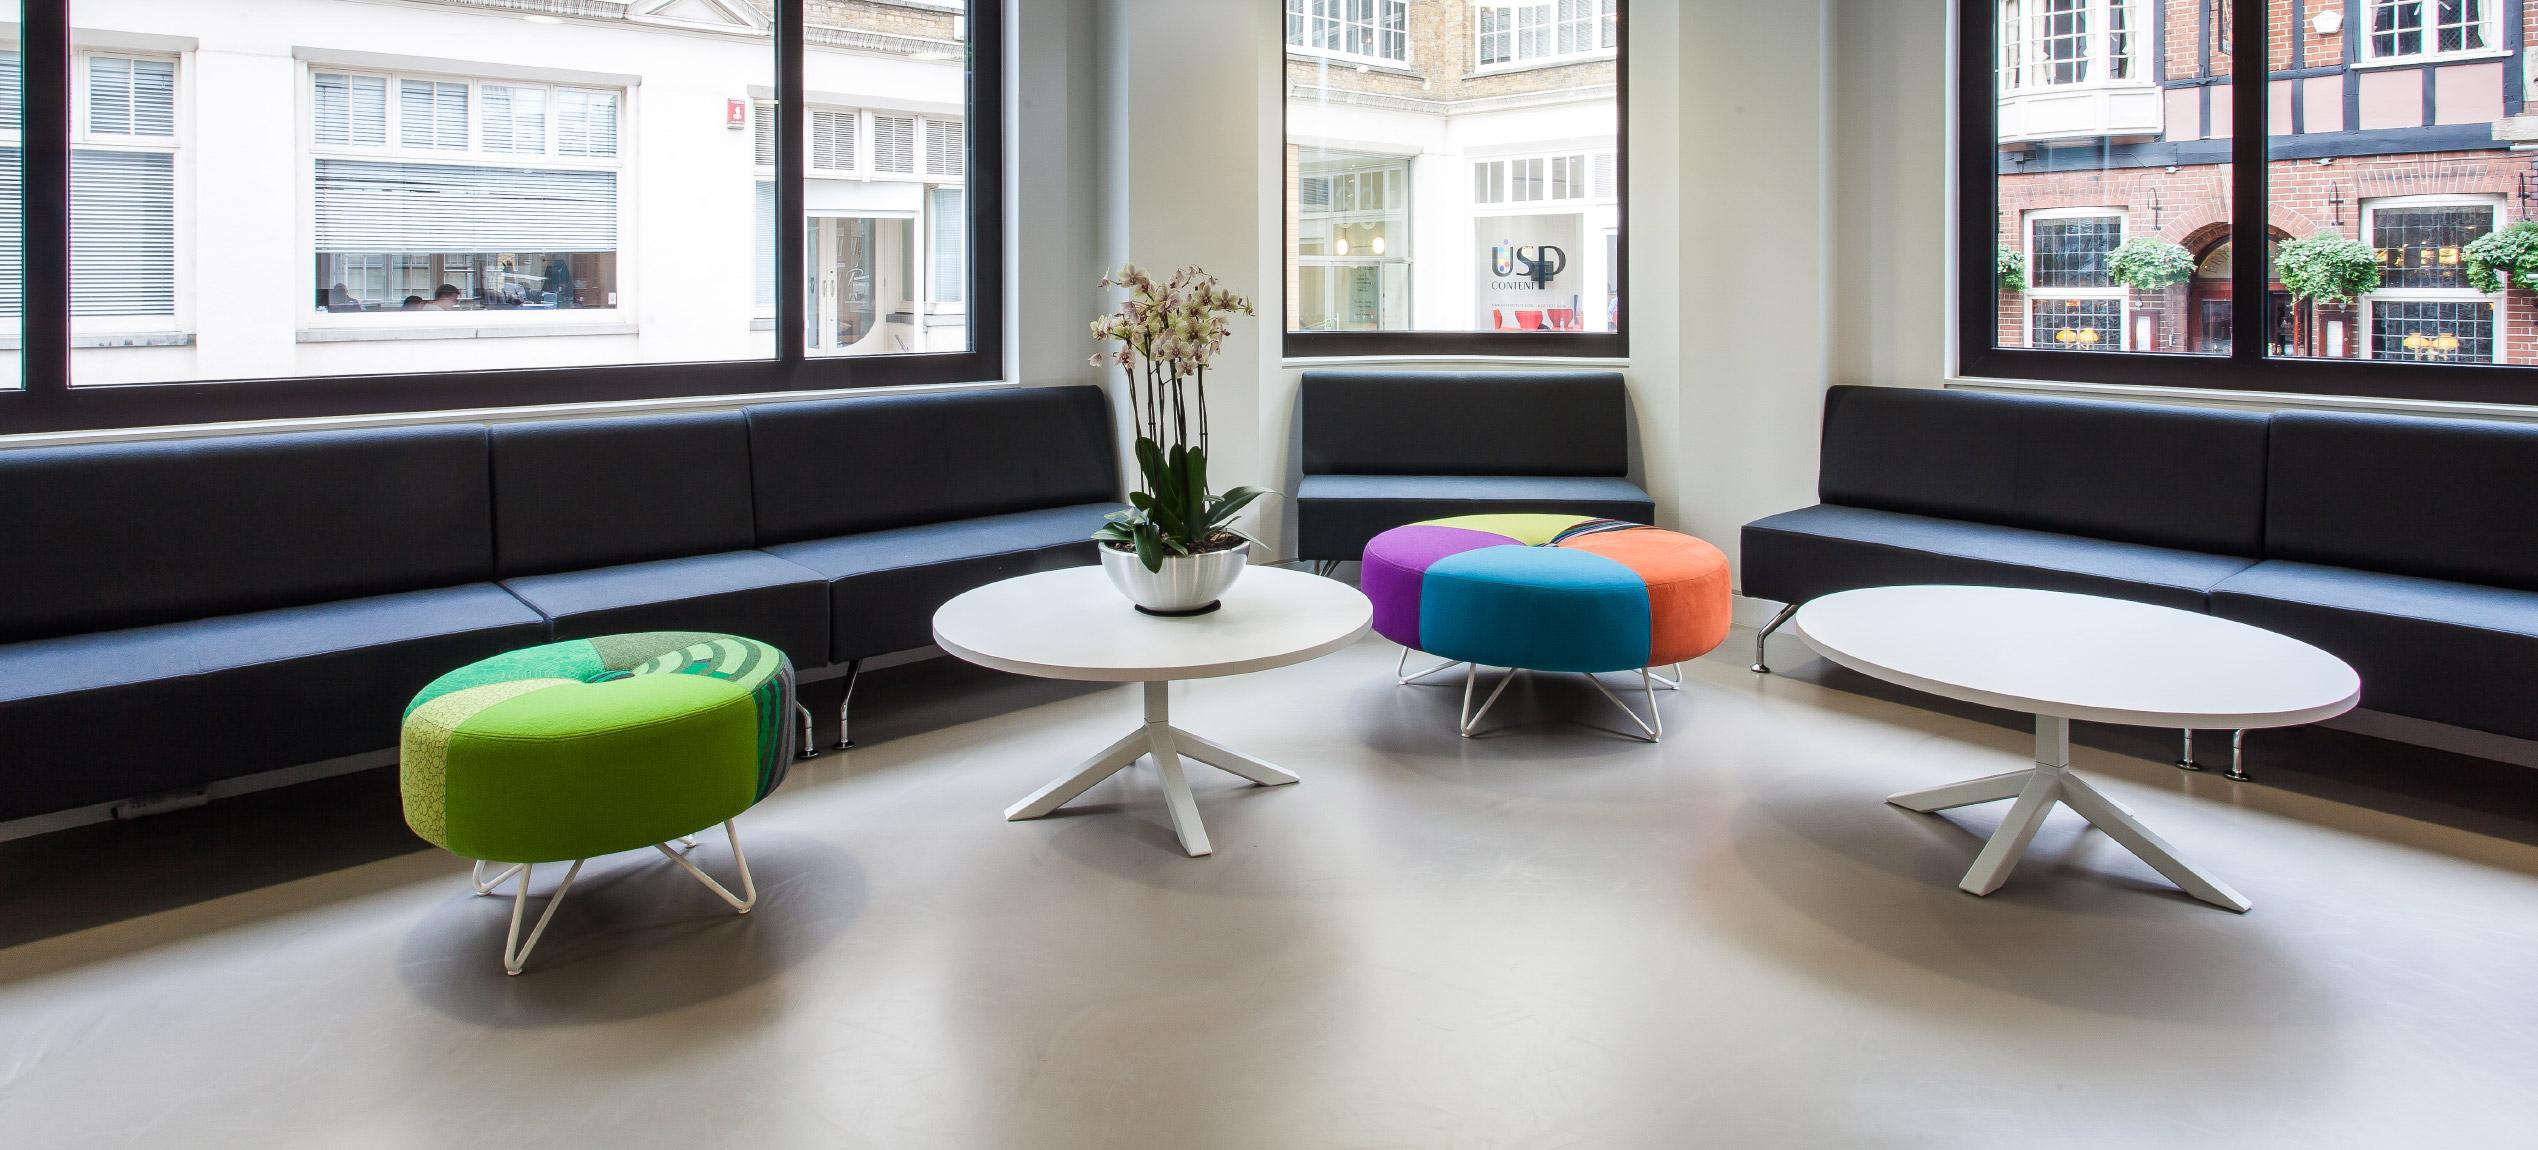 Sony office resin flooring by Sphere8